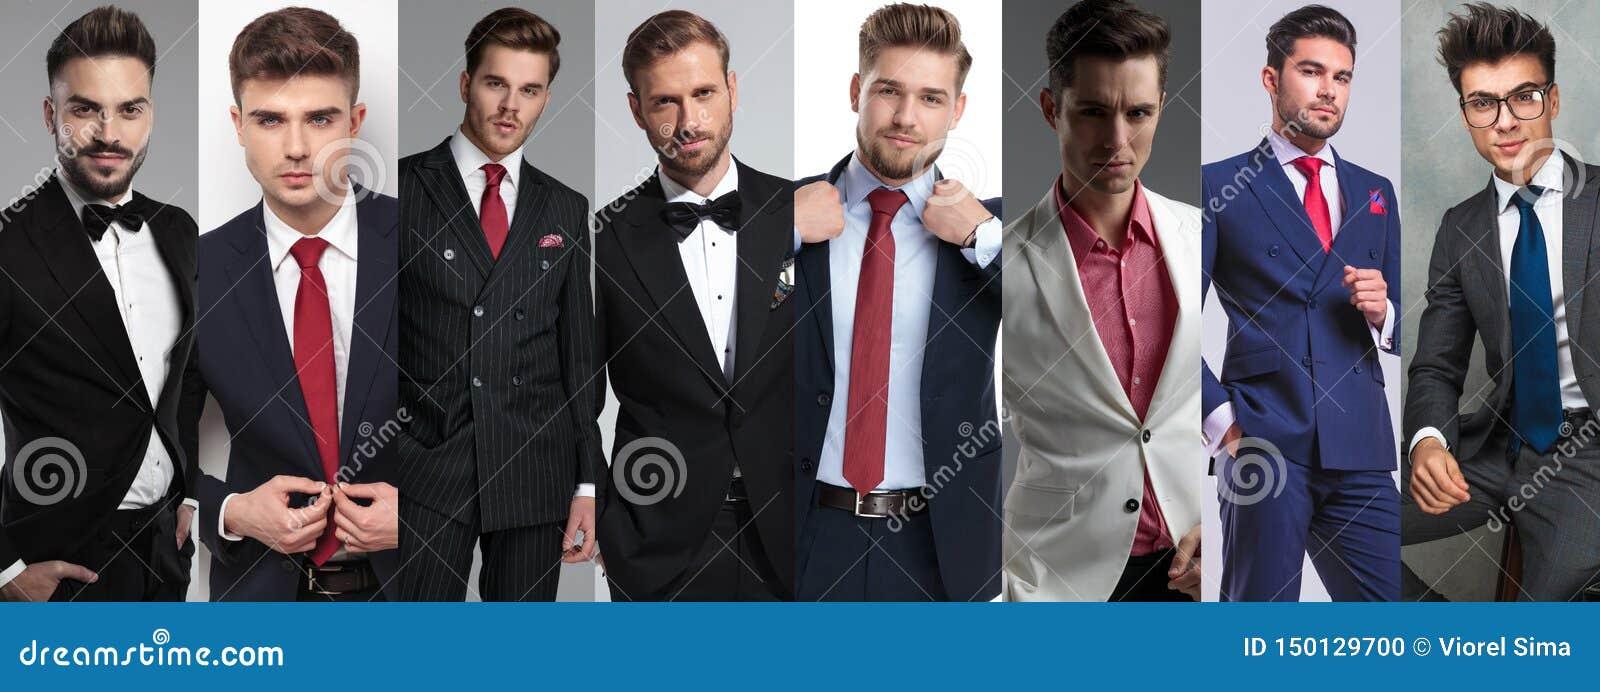 Photomontage de um levantamento ocasional novo de oito homens